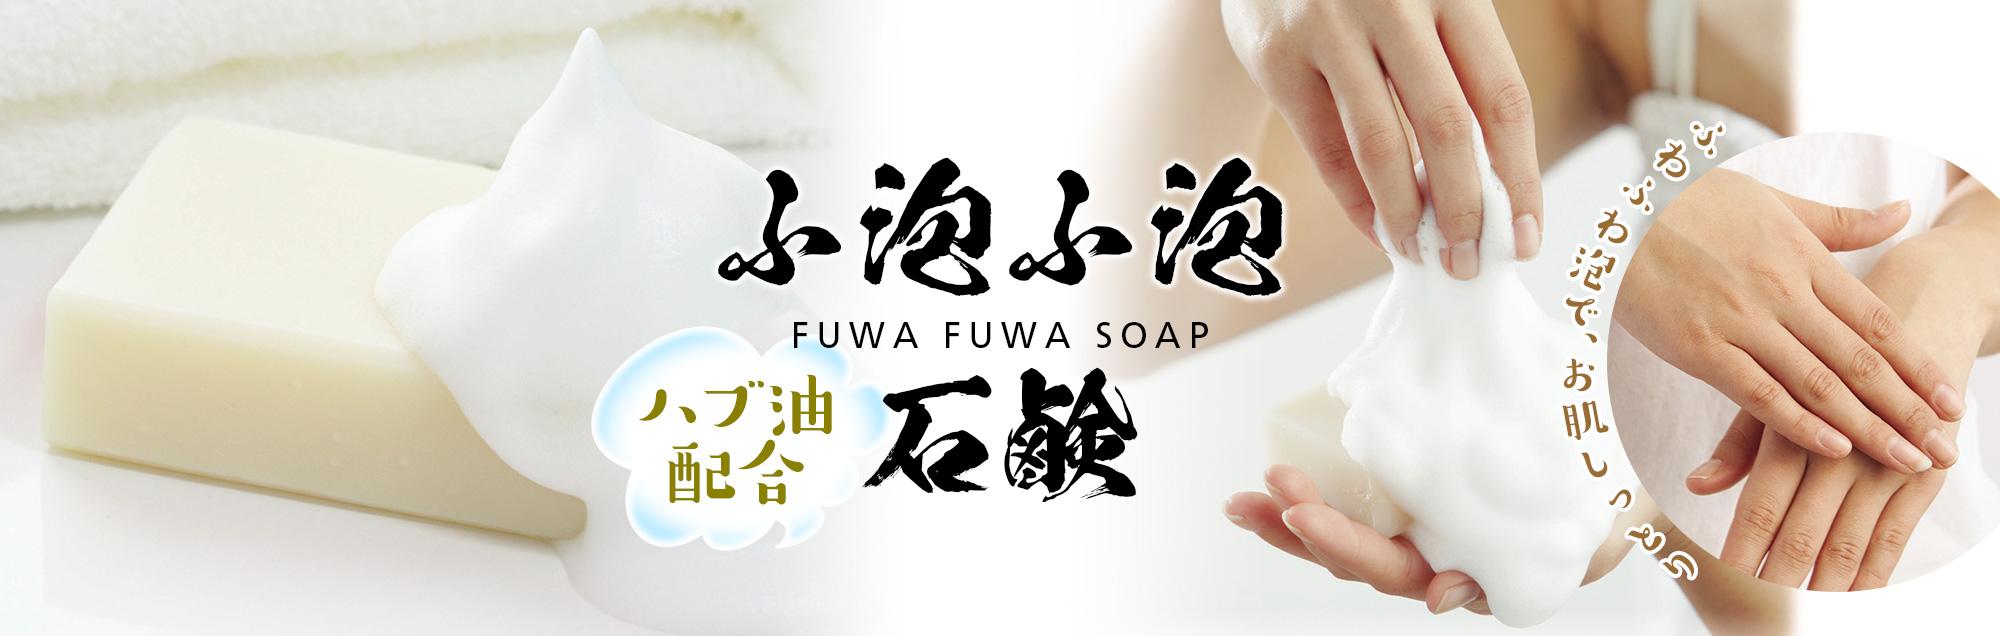 ハブ油配合のふ泡ふ泡石鹸